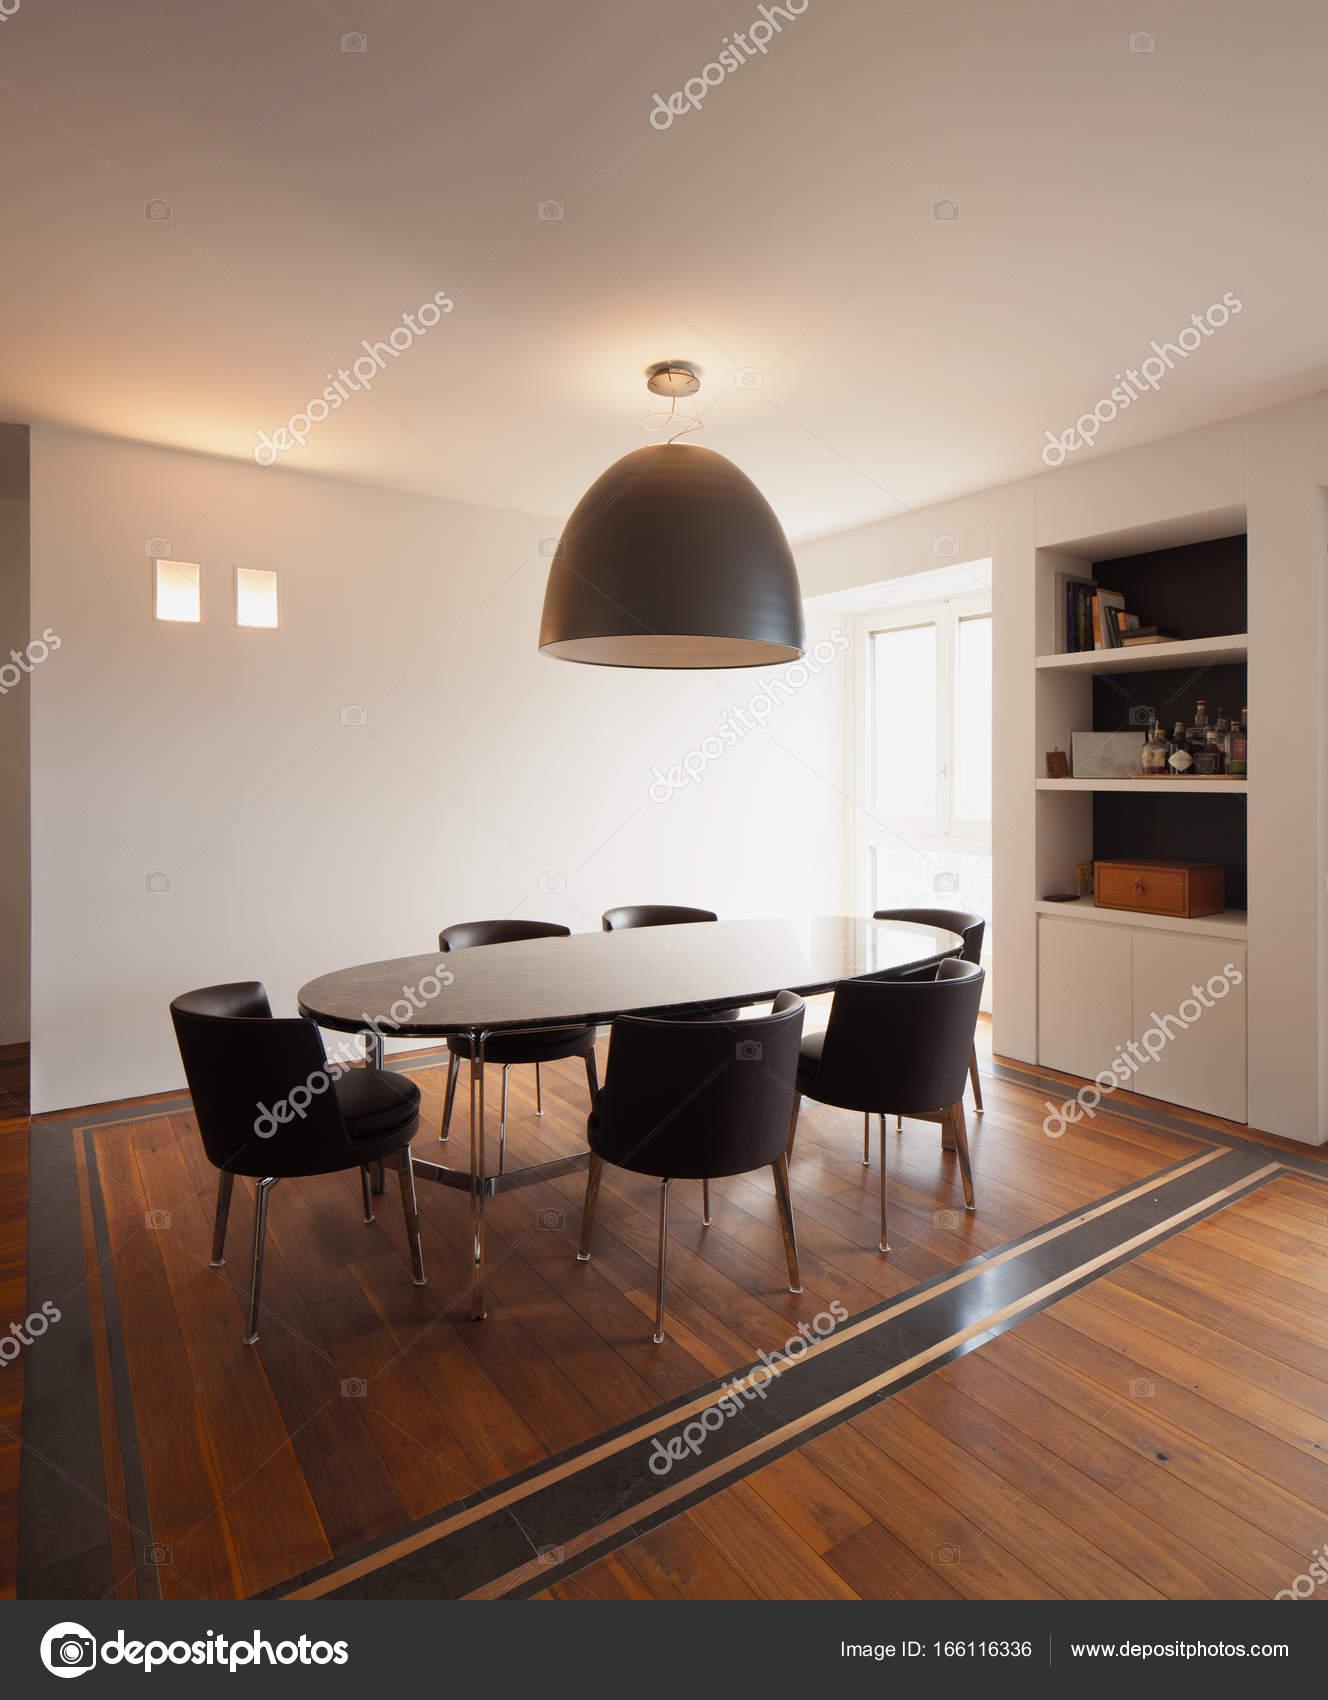 Modernes Wohnen Luxus Wohnung U2014 Stockfoto